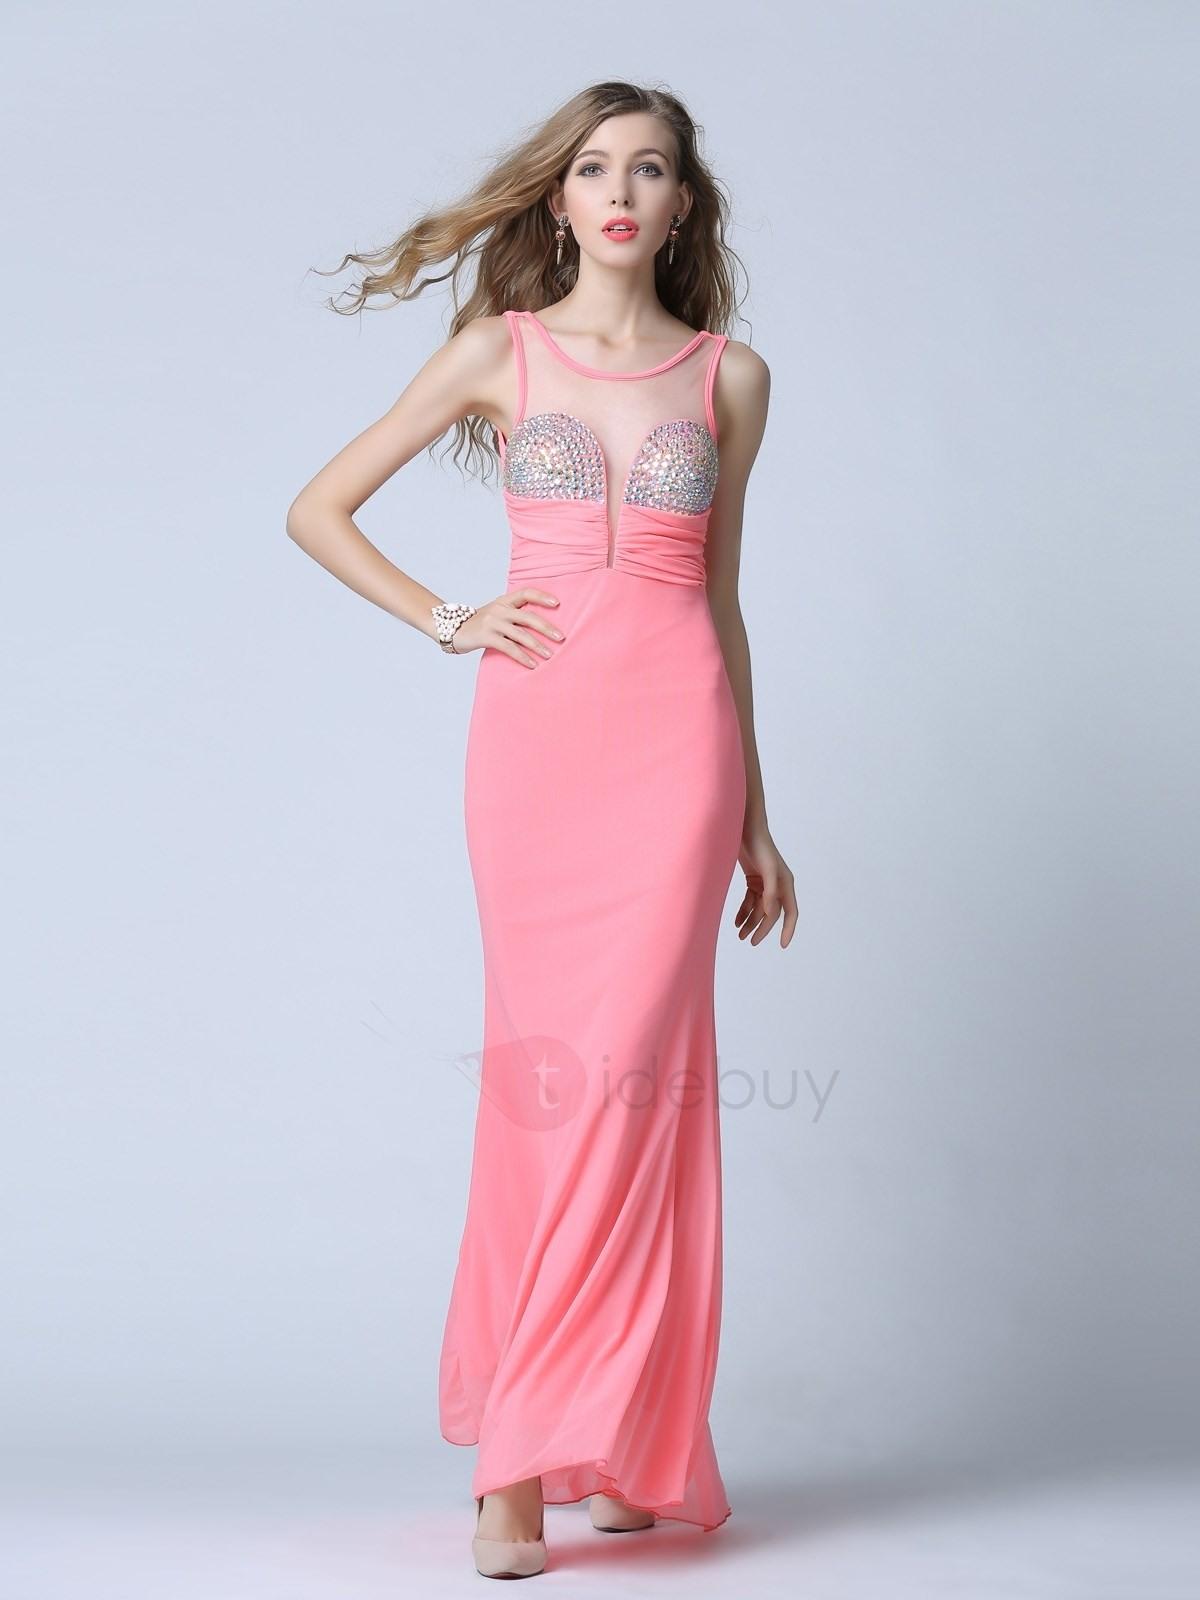 17 Top Hübsche Abendkleider Vertrieb10 Spektakulär Hübsche Abendkleider Stylish